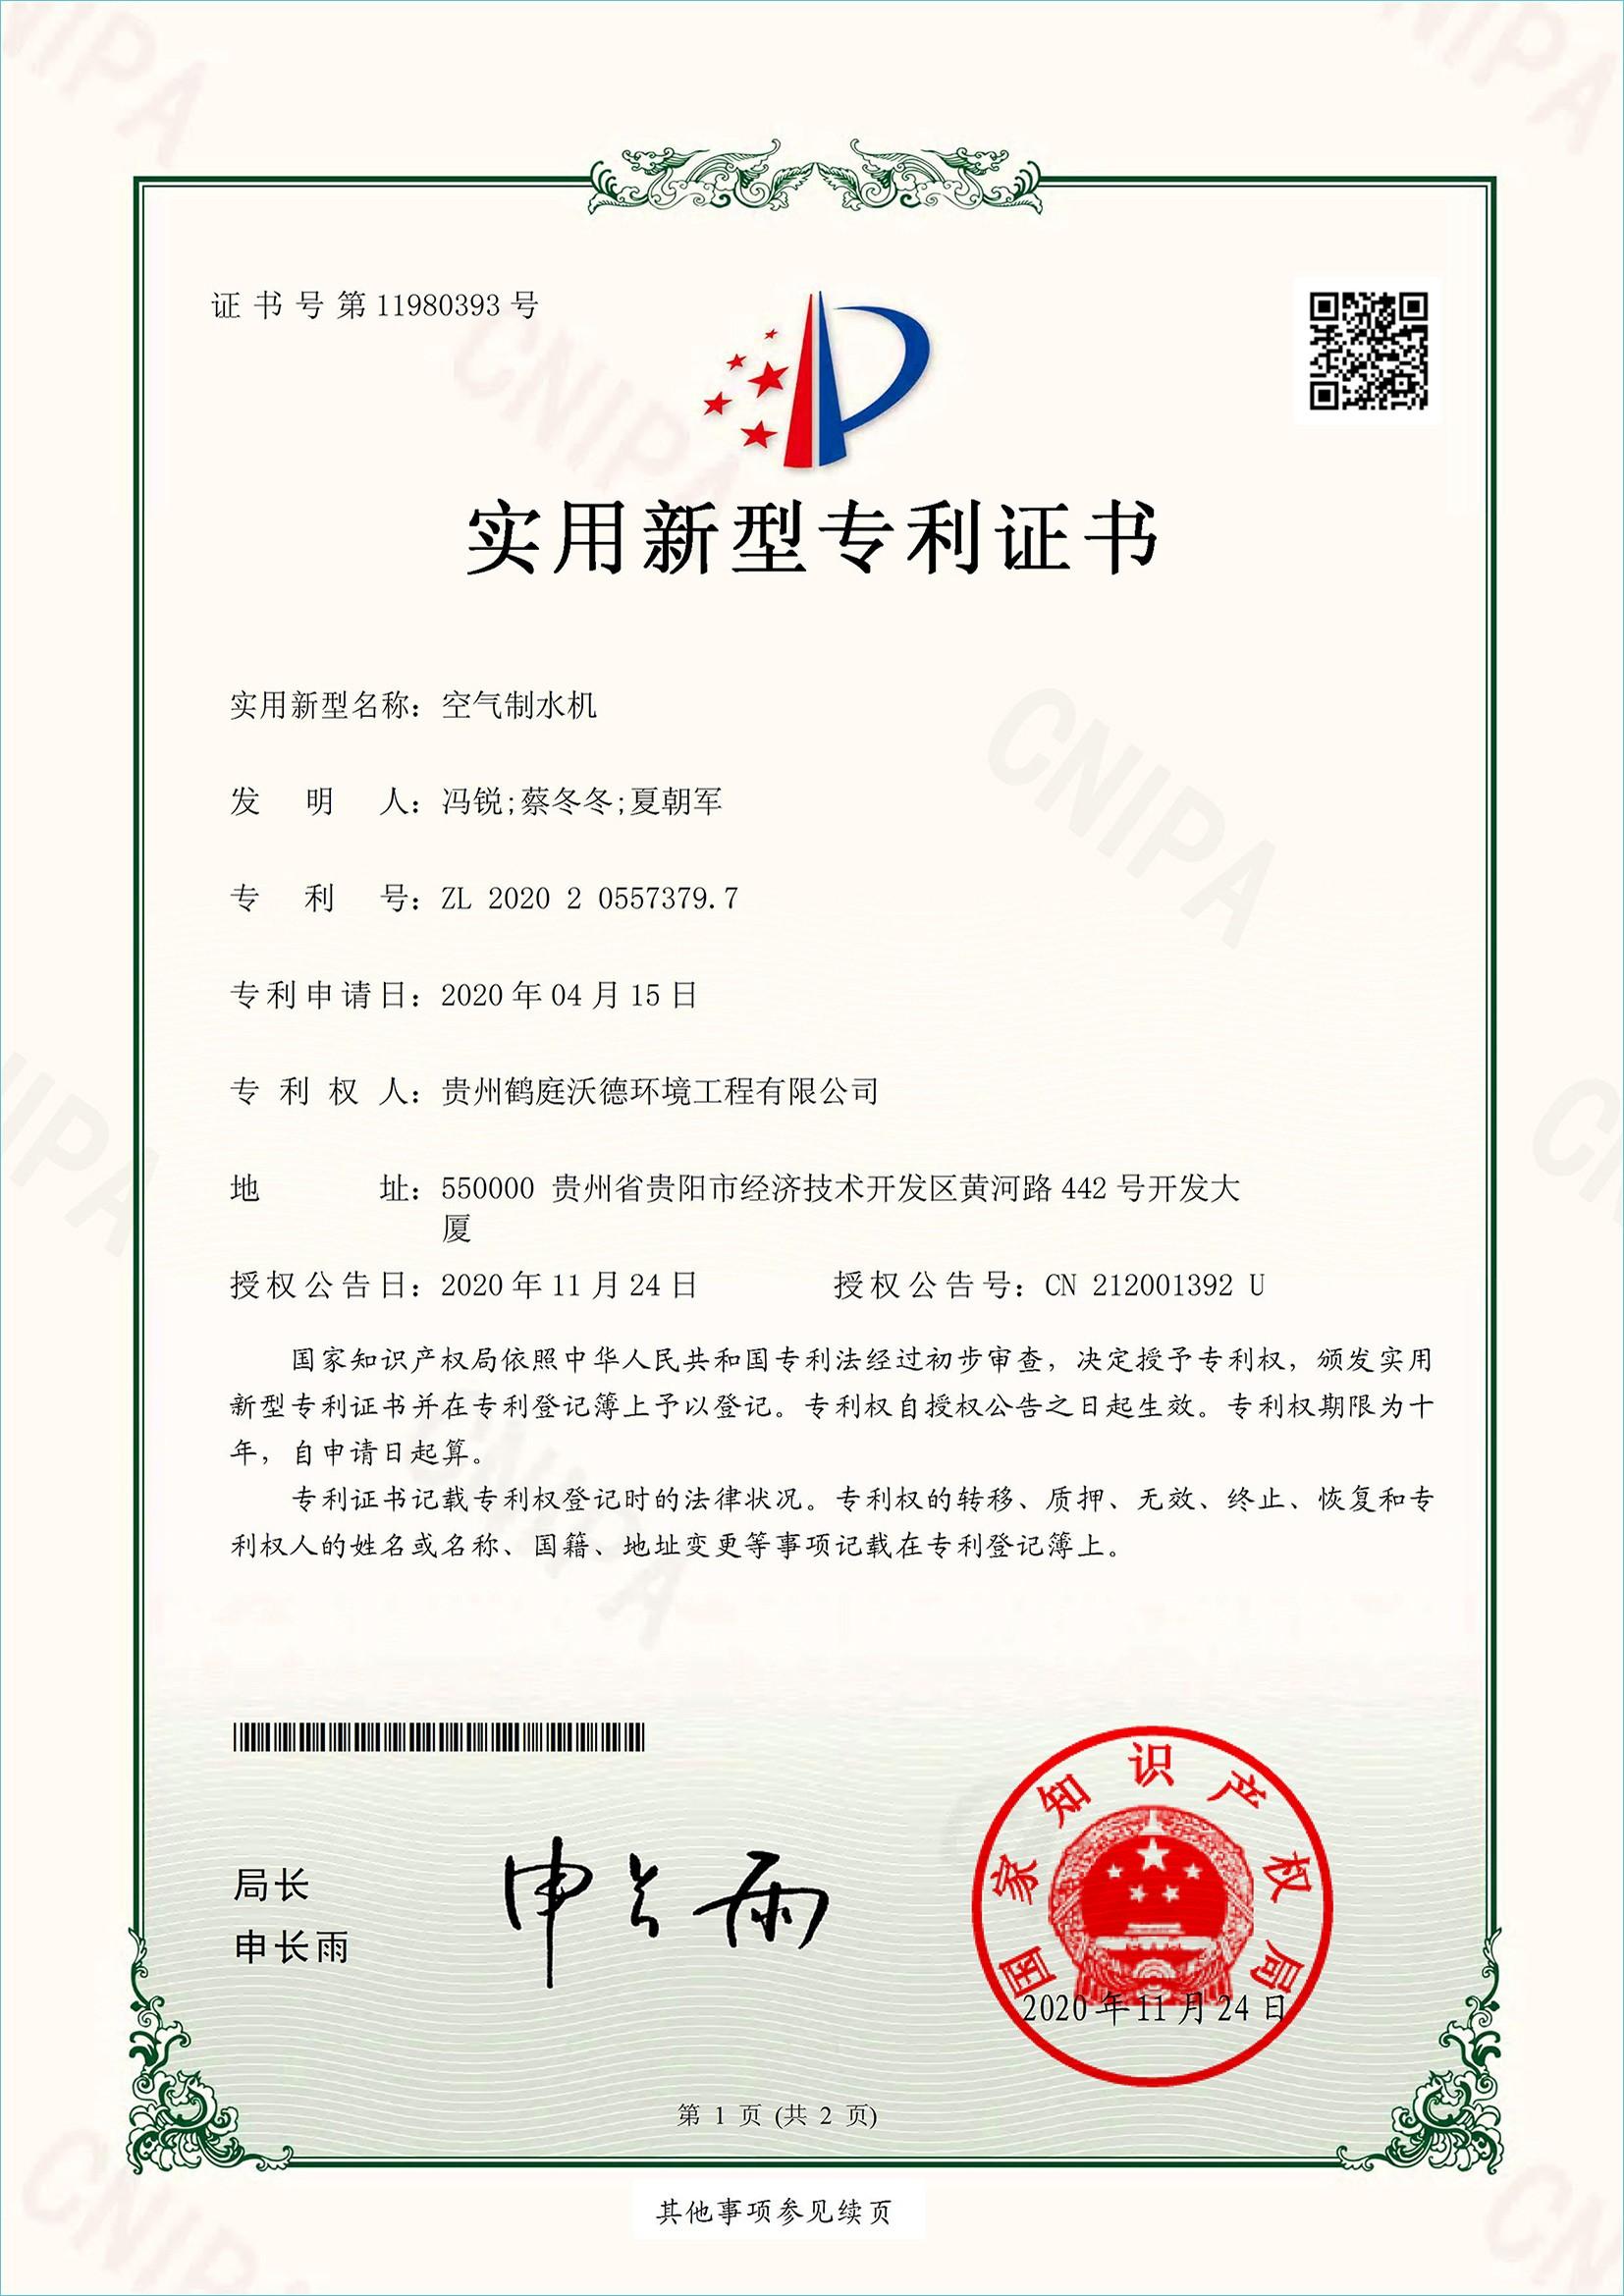 鹤庭专利证书5件_08